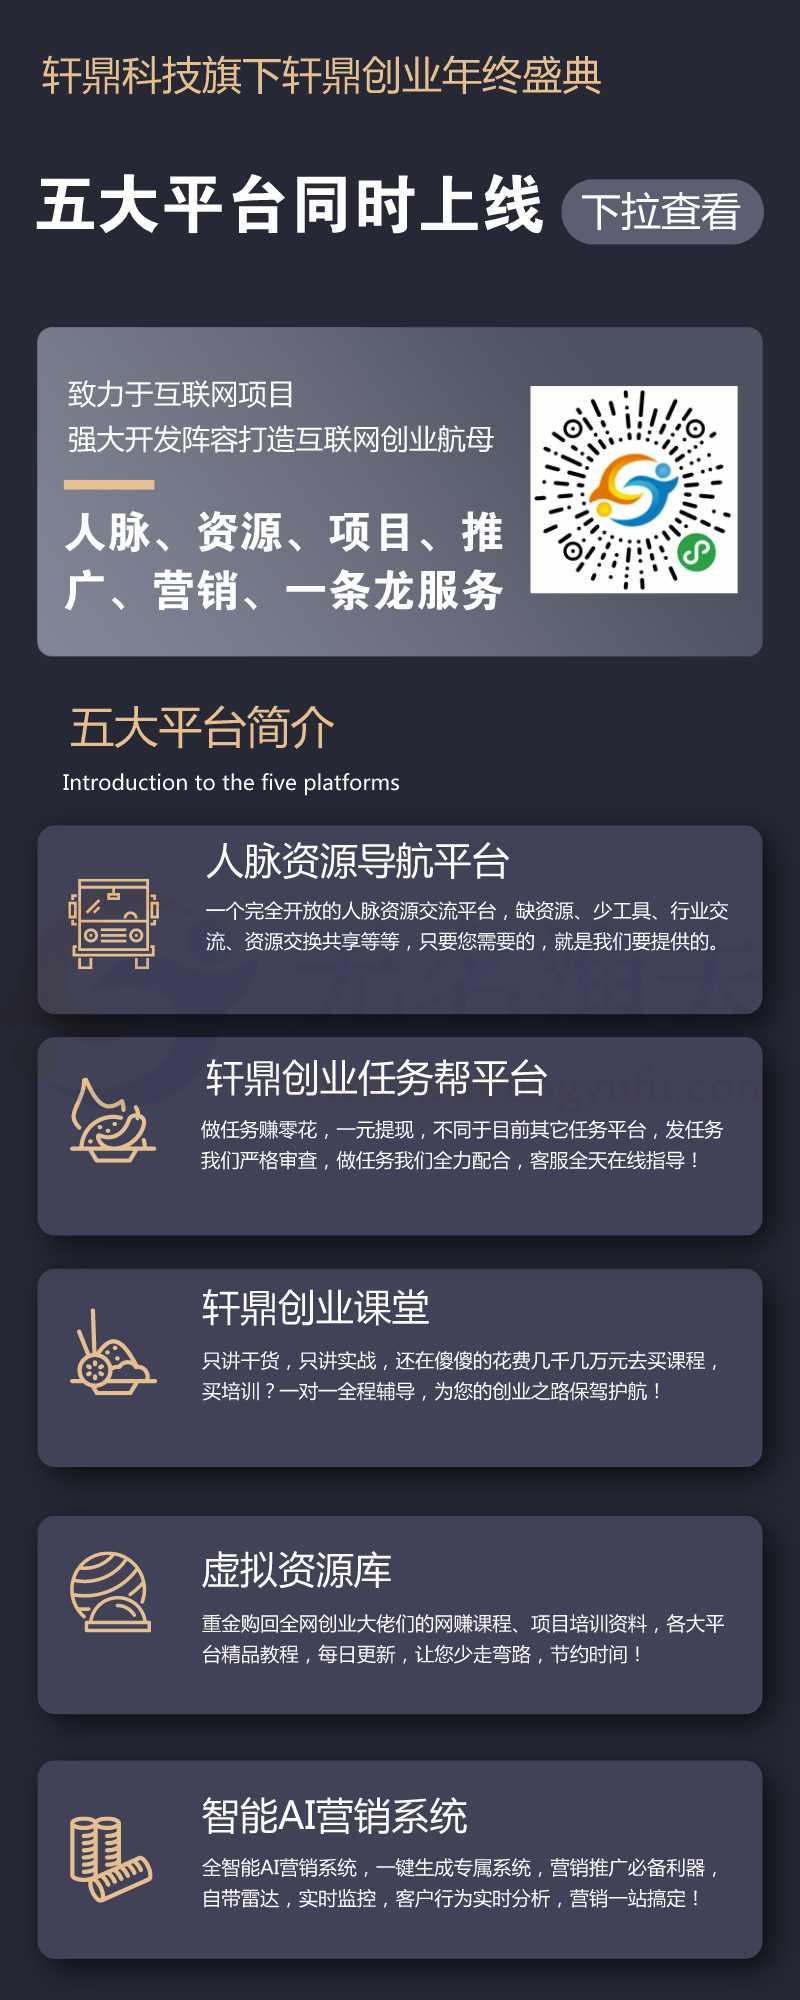 轩鼎创业五大平台